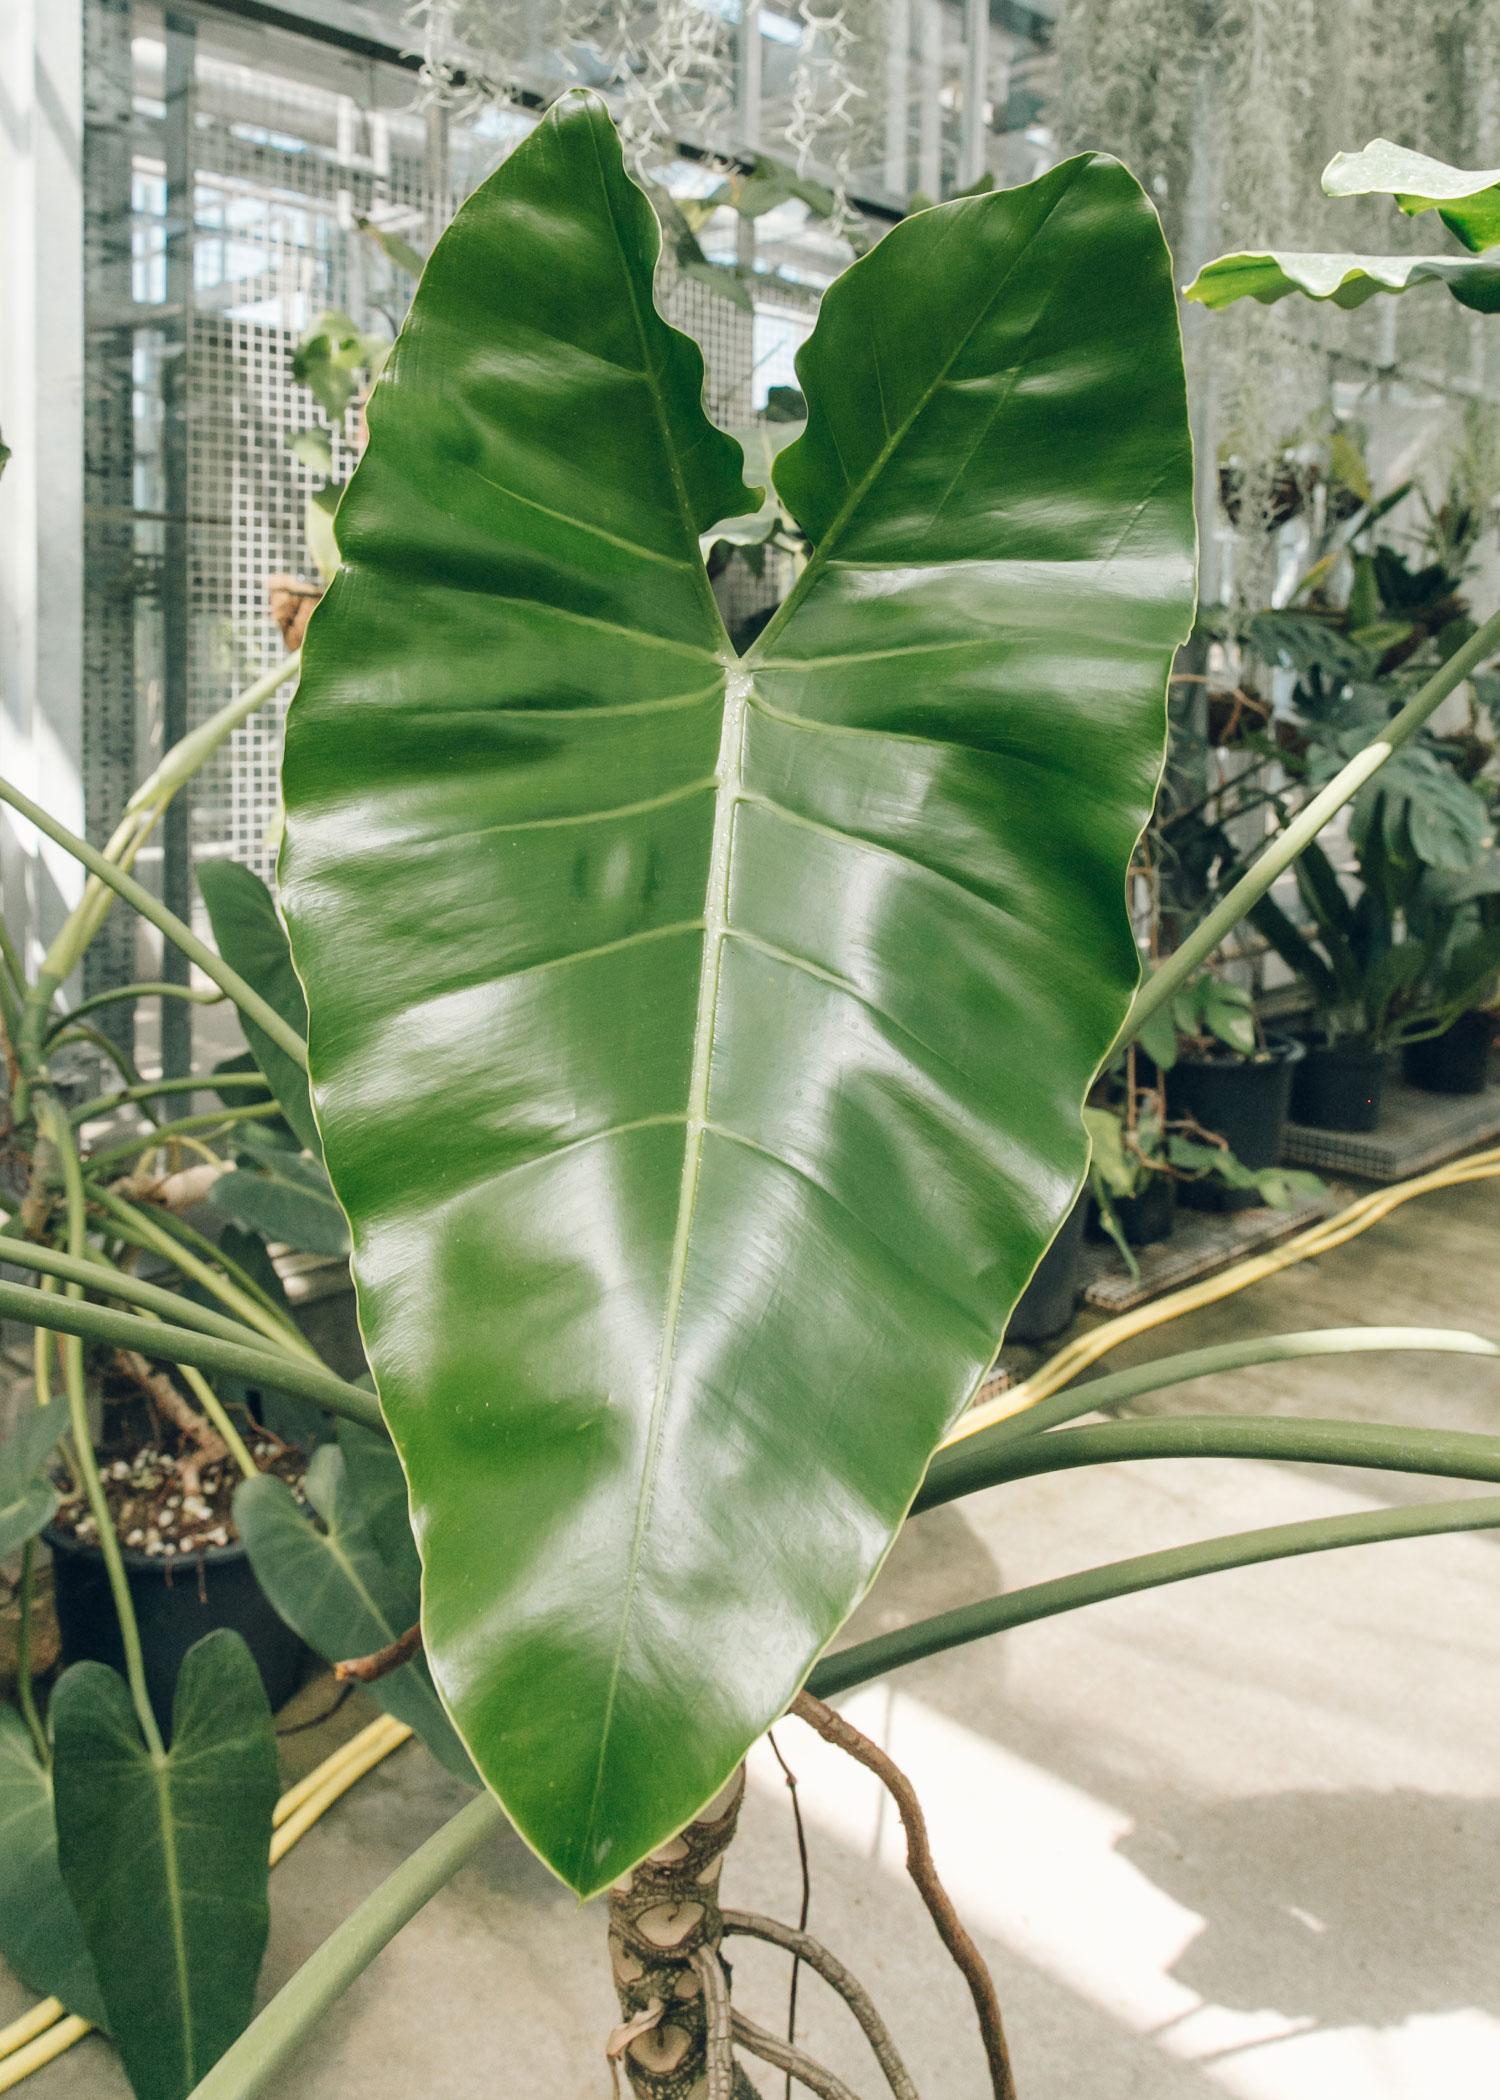 Thaumatophyllum solimoesense